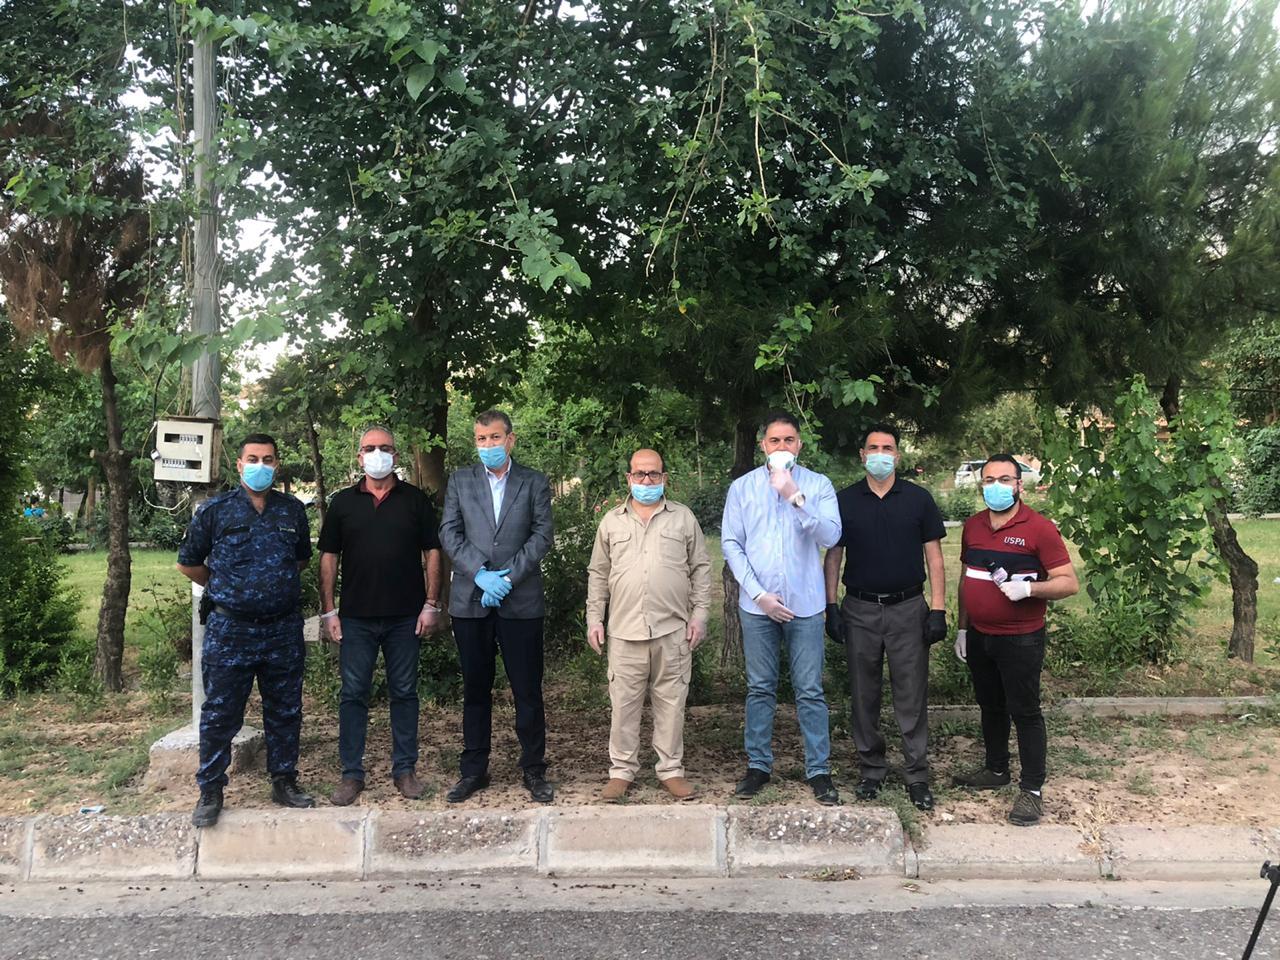 البدء بعمليات الحجر الصحي لمنطقتين في بلدة عنكاوا